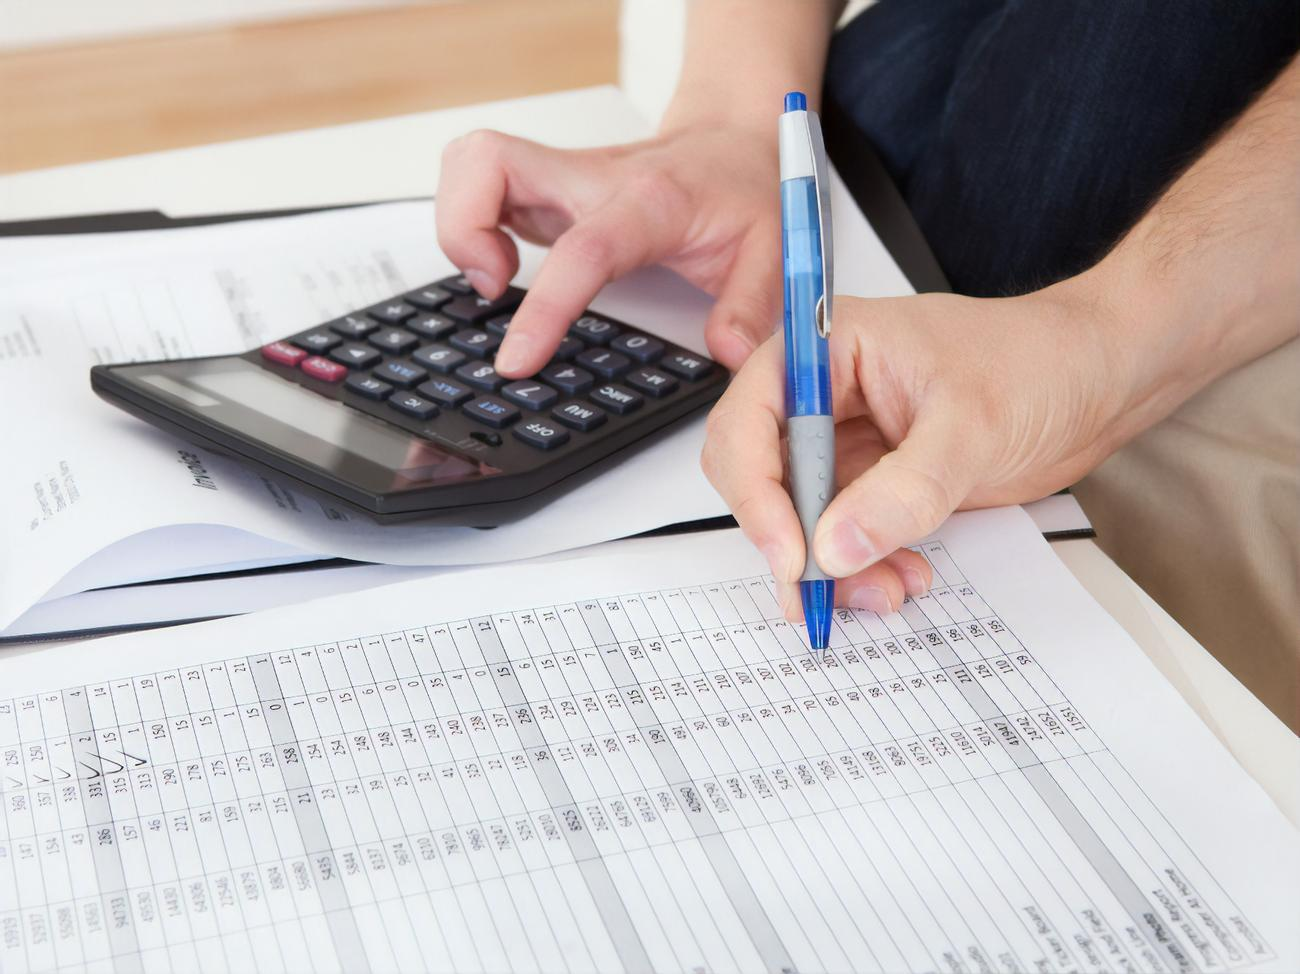 В бюджете на 2021 год отложили повышение минимальной зарплаты до декабря